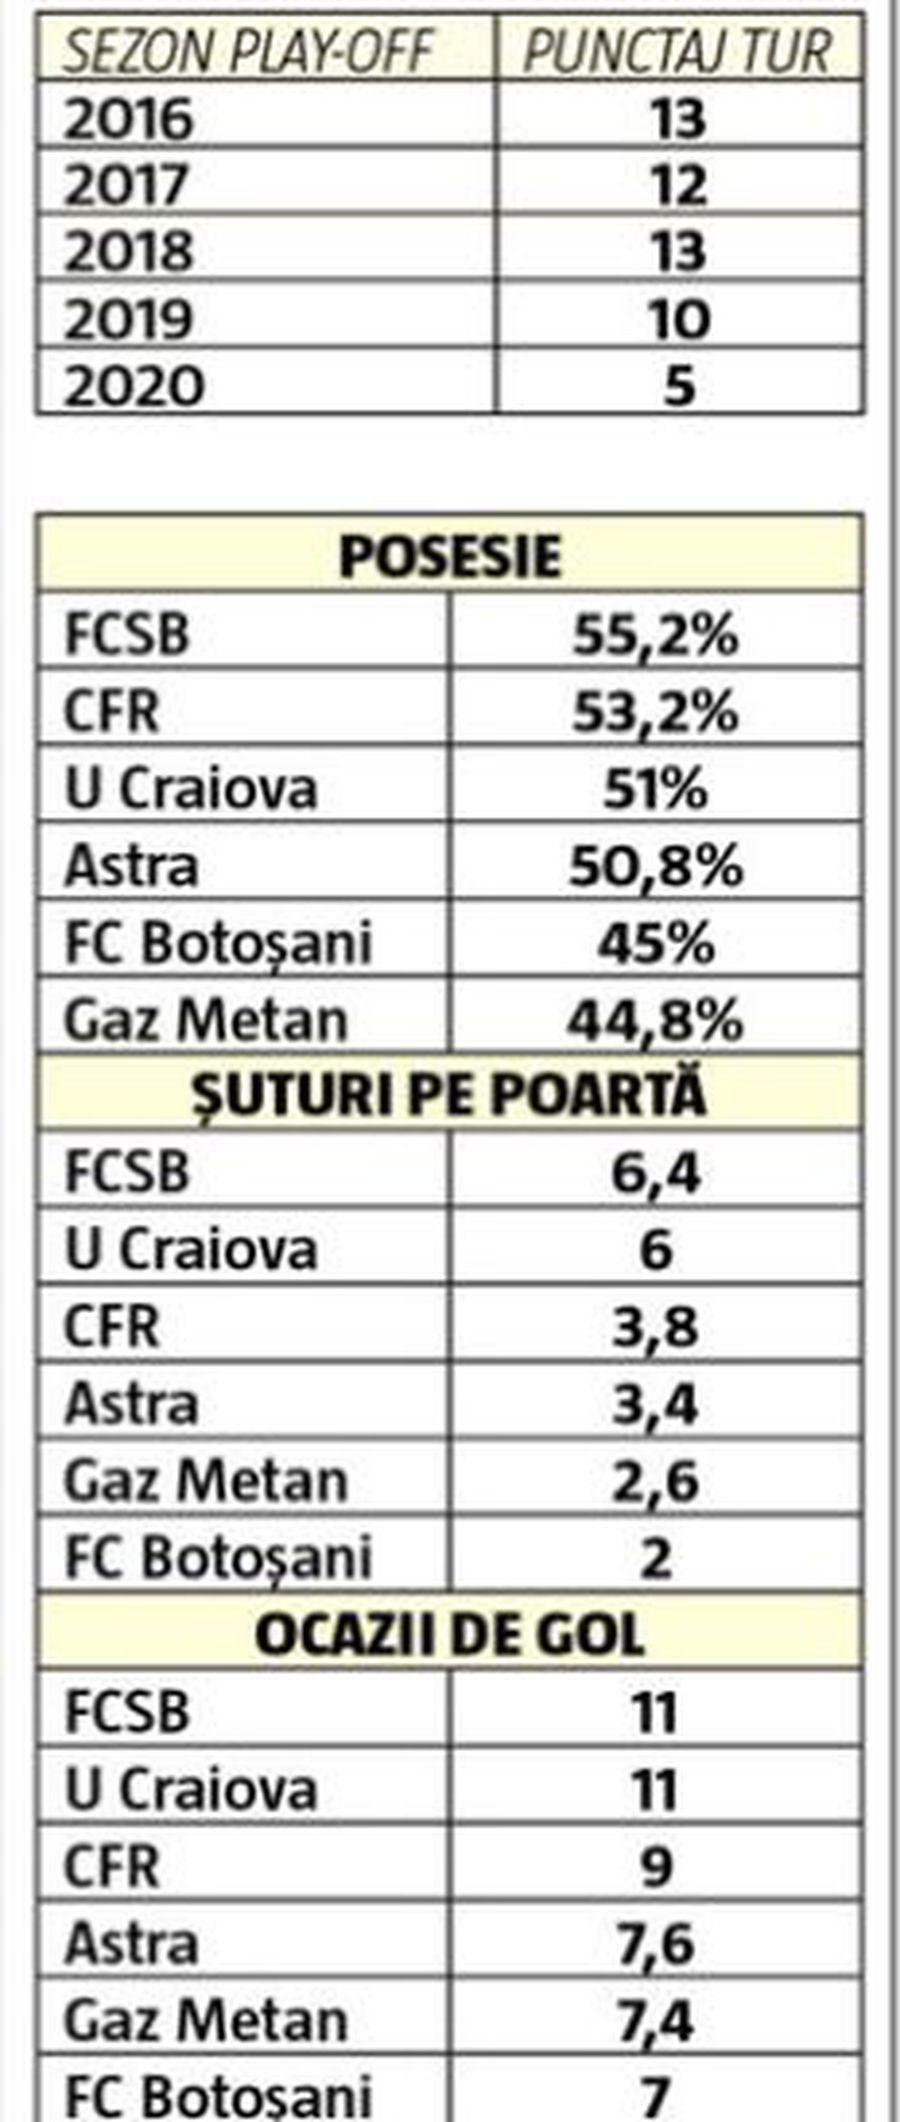 FCSB. Concluzie șocantă a firmelor de monitorizare: FCSB, numărul 1 în play-off! E peste CFR și CSU Craiova, deși are doar o victorie